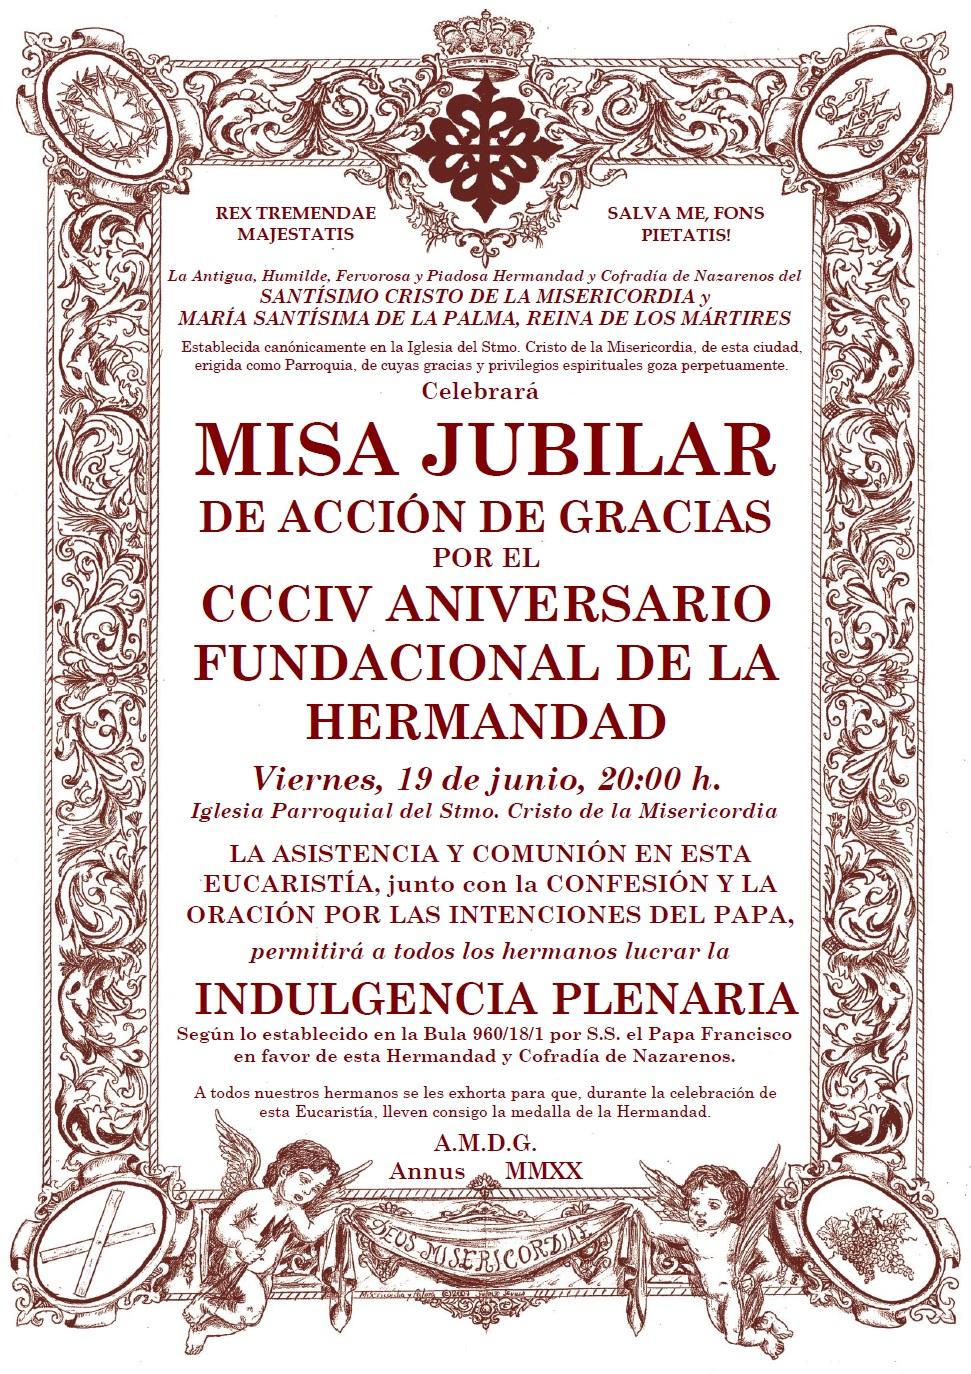 La Hermandad celebra su 304 Aniversario Fundacional este 19 de junio con una Misa Jubilar para lucrar las Indulgencias Plenarias concecidas por la Santa Sede.